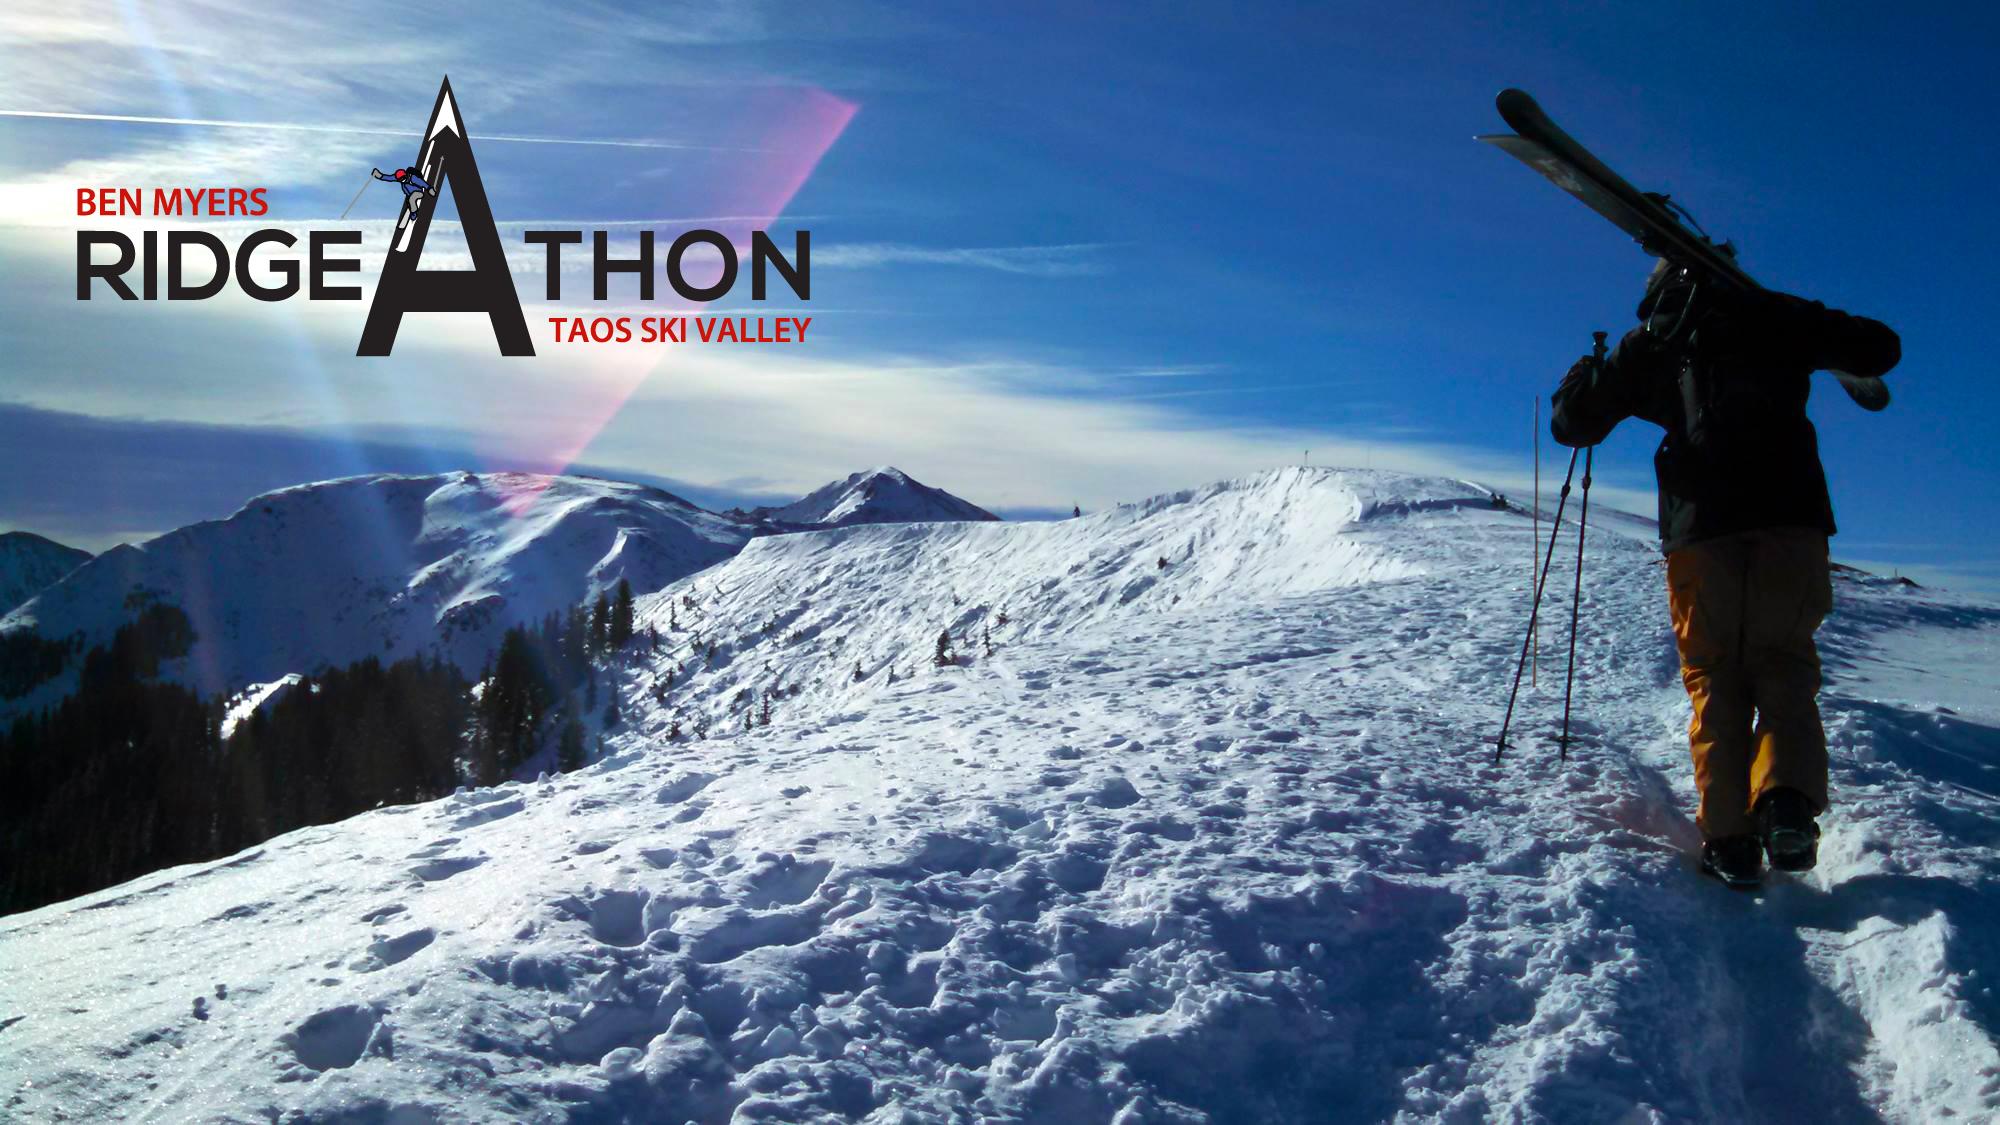 Ridge-A-Thon